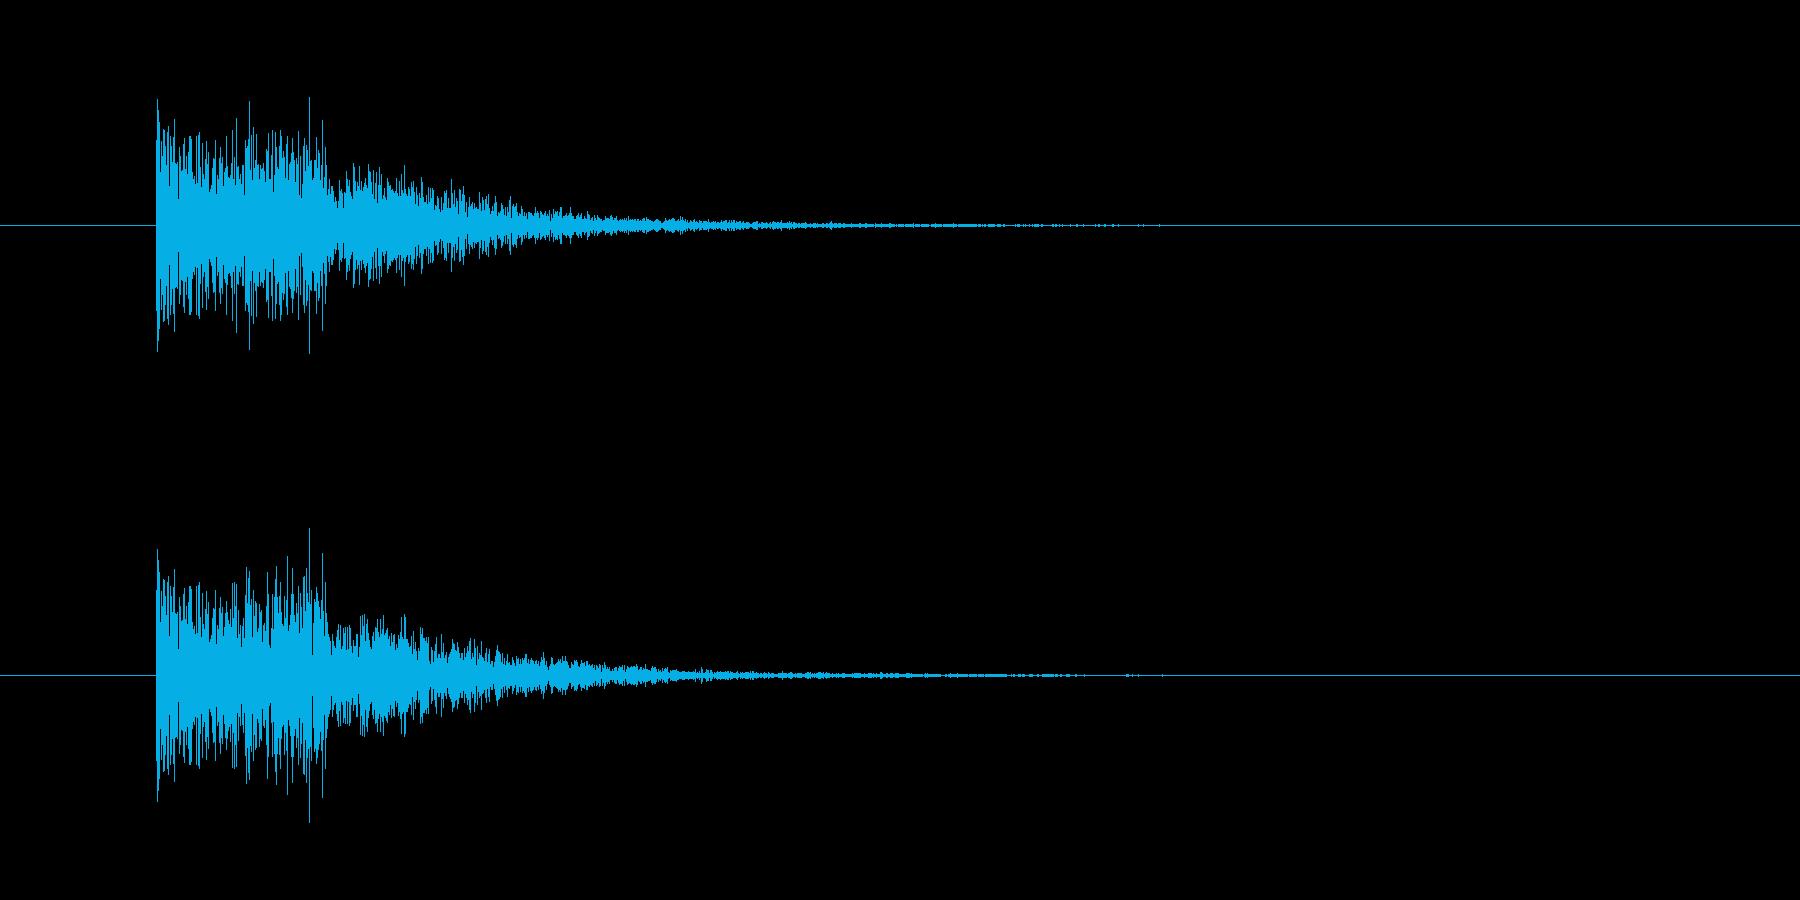 金属音(打撃系)の再生済みの波形